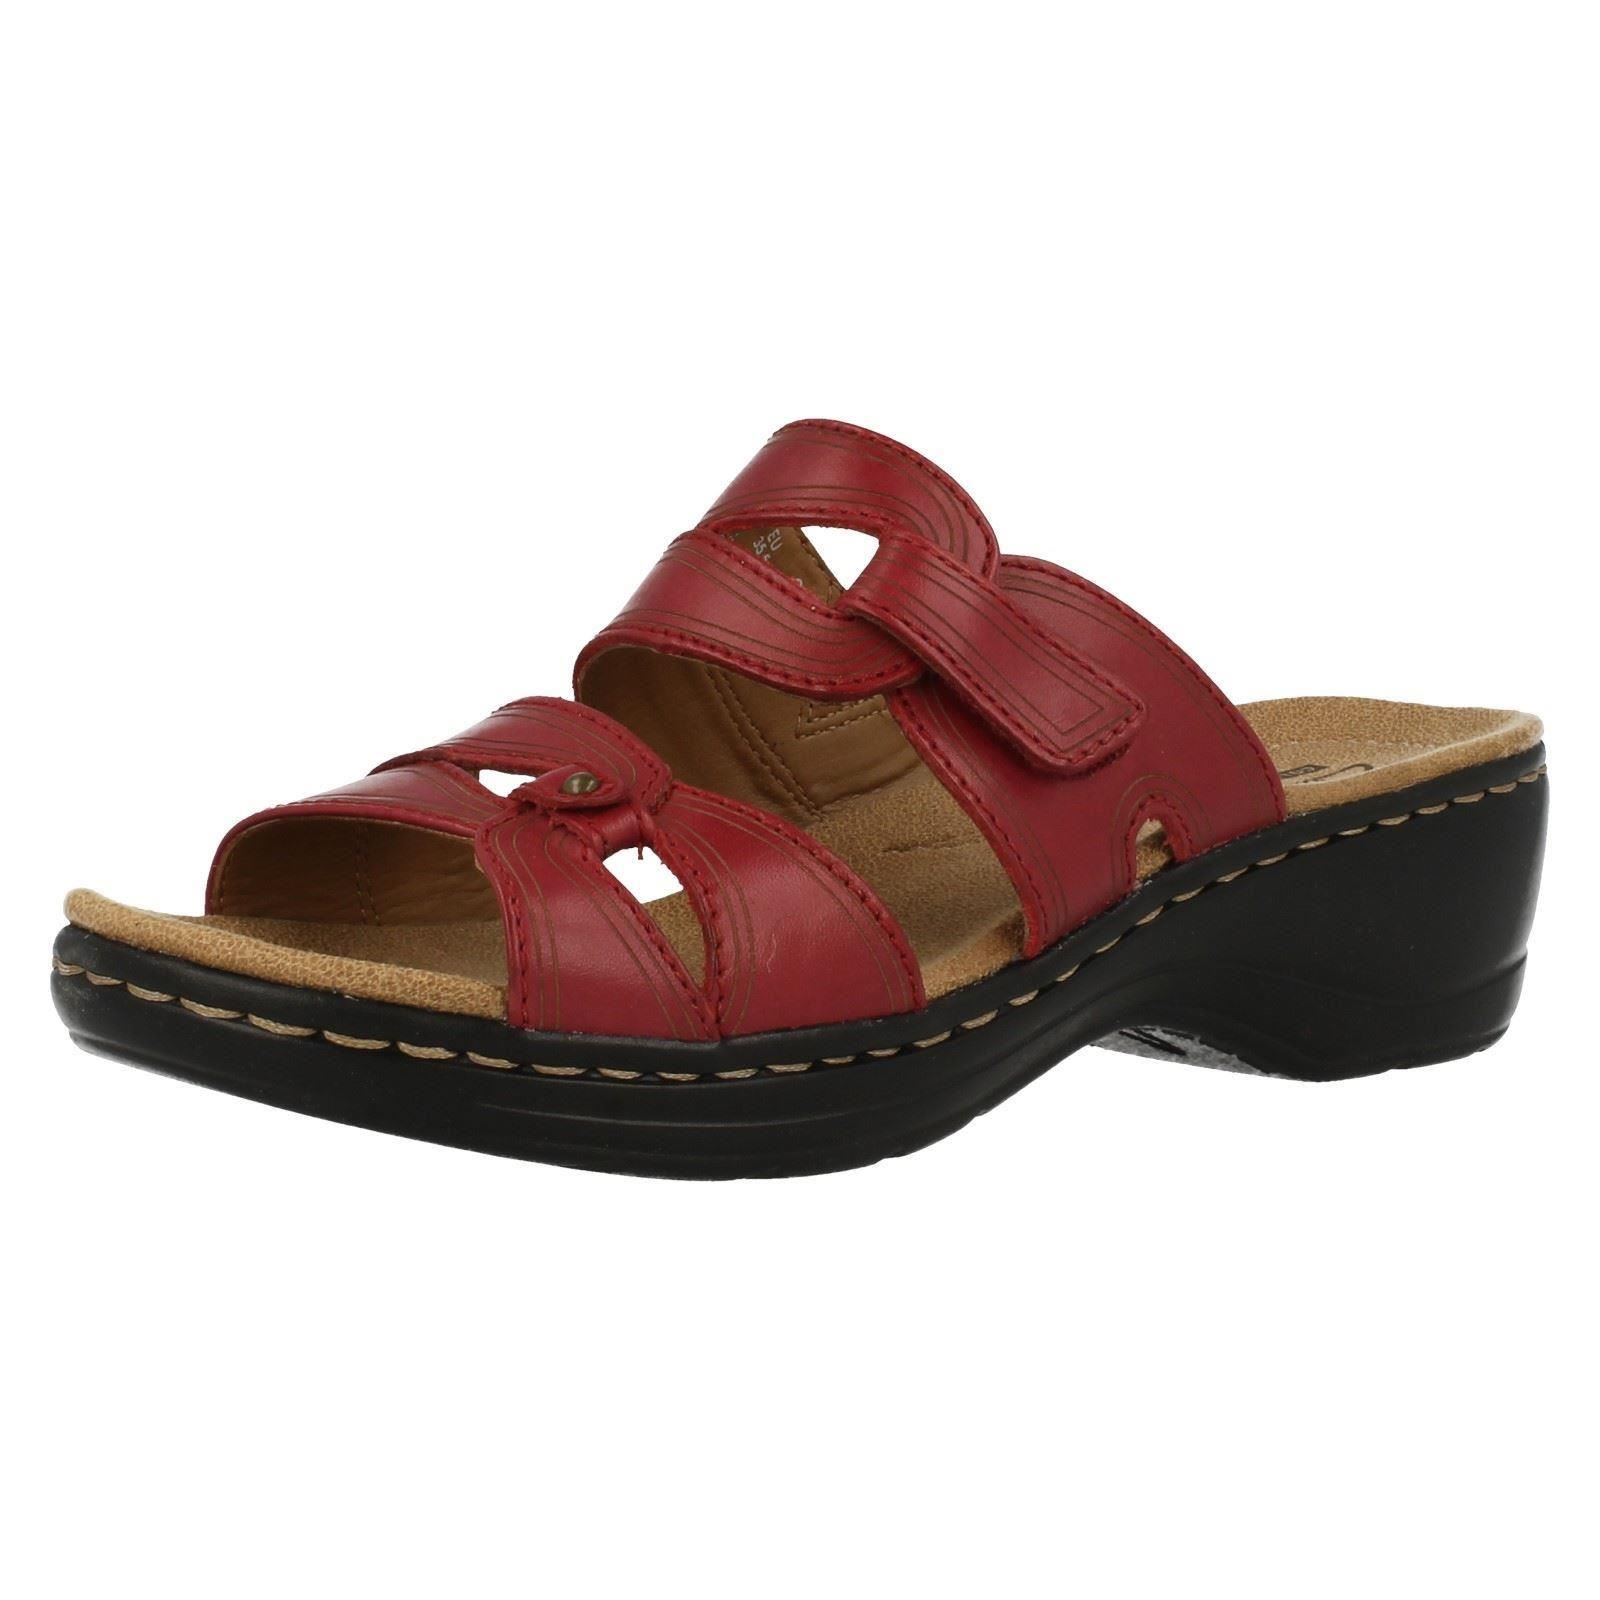 Unique Leather Womens Shoes Clarks Indigo Bar Black Leather Womens Shoes